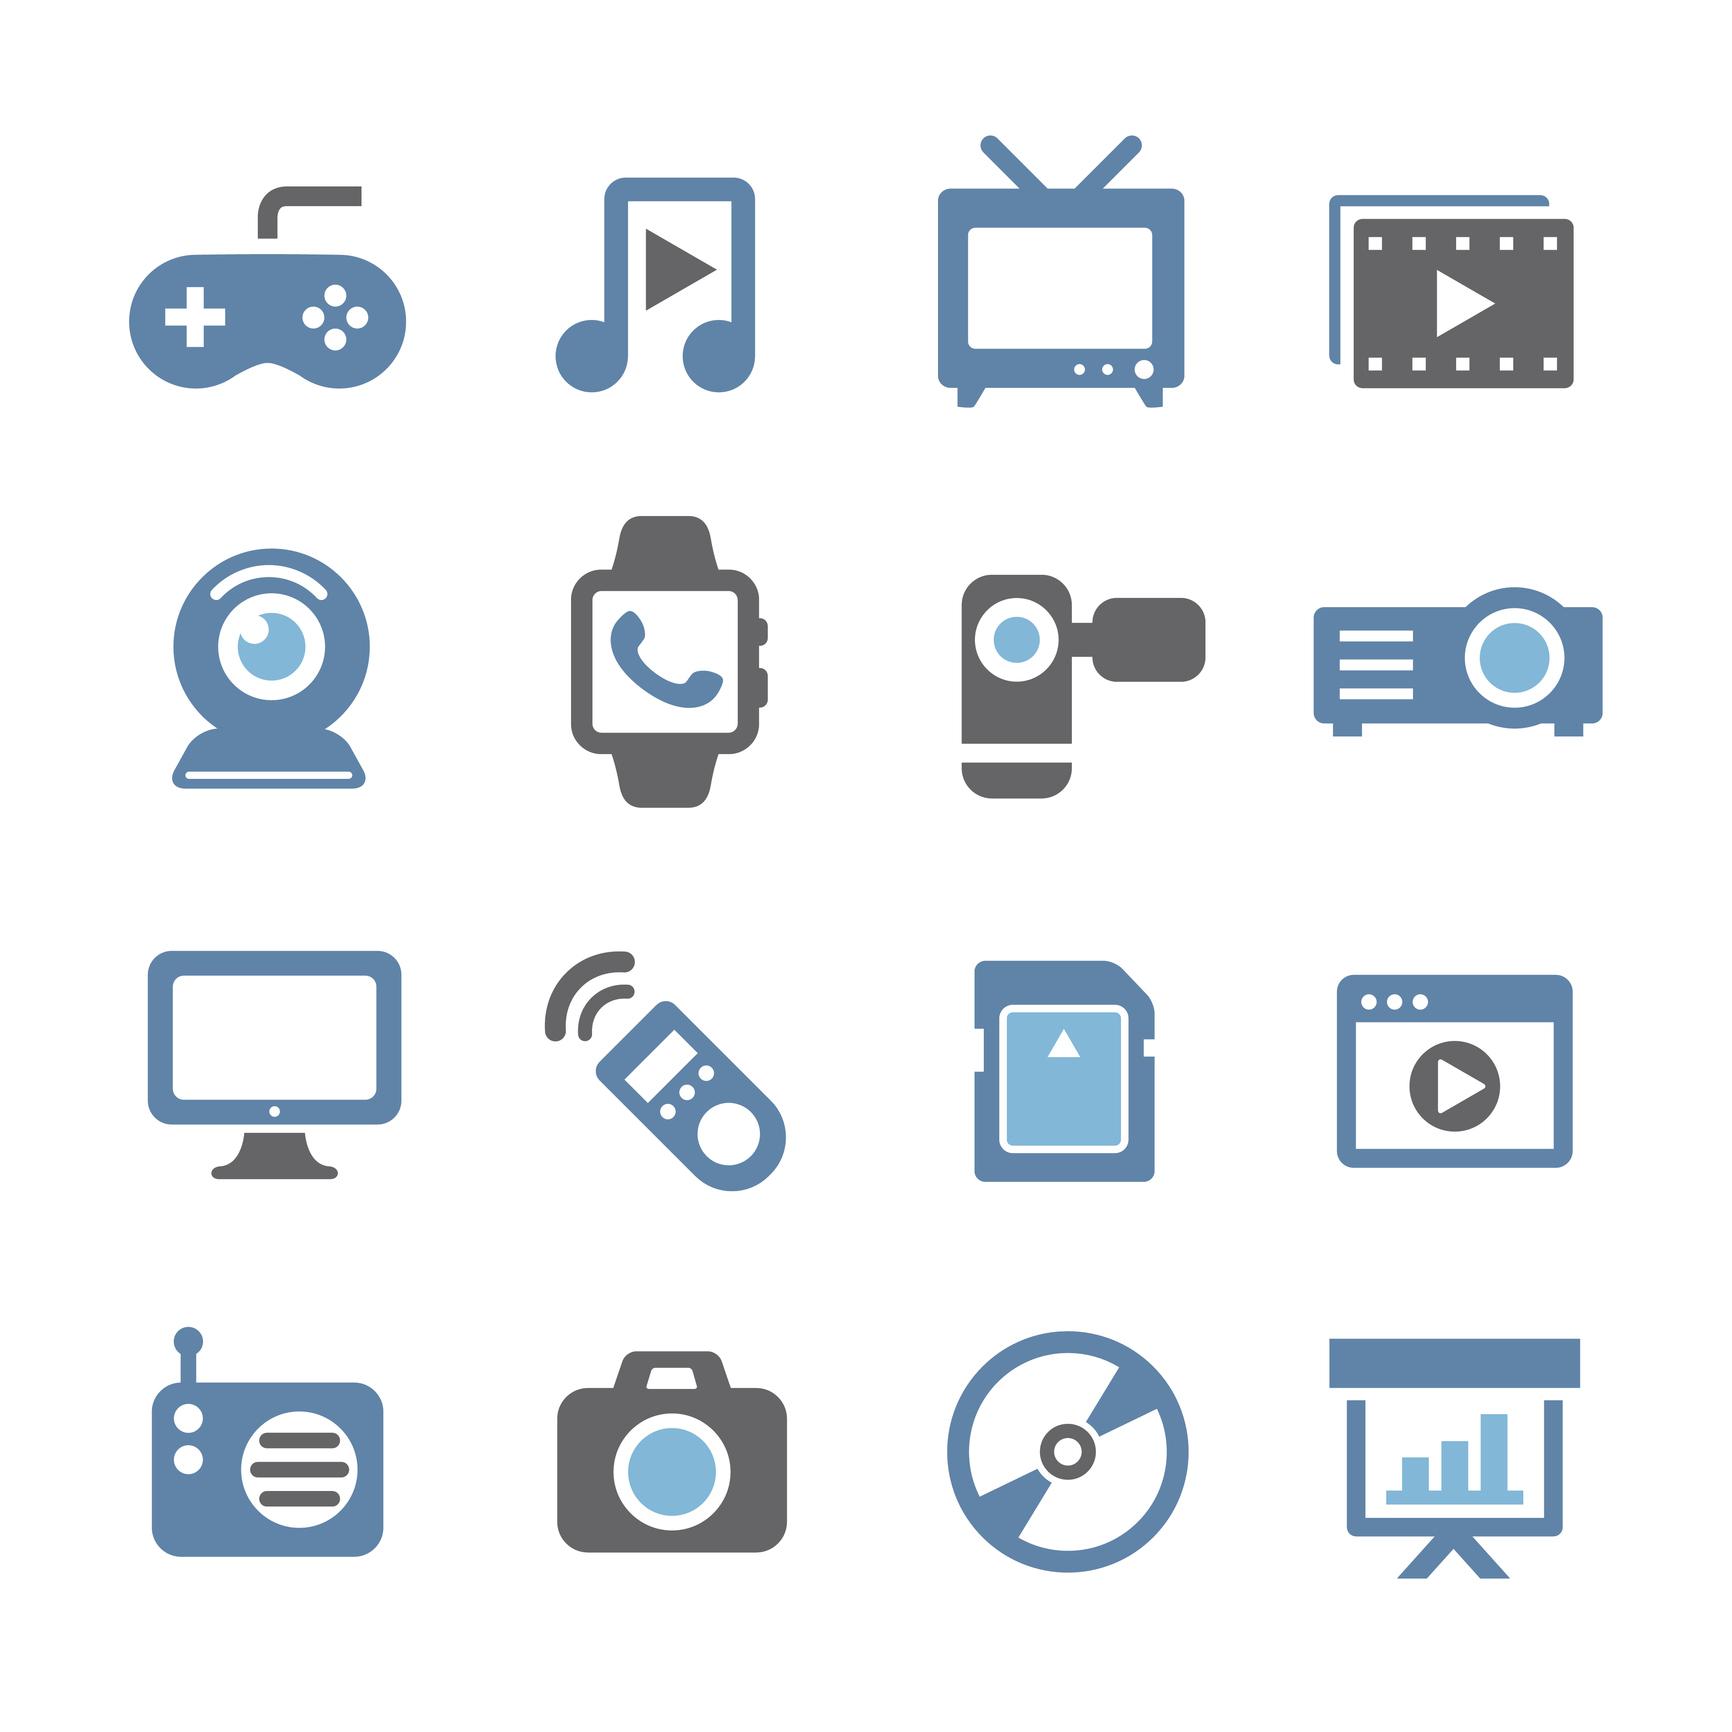 Multimedia Icons - Conc Series